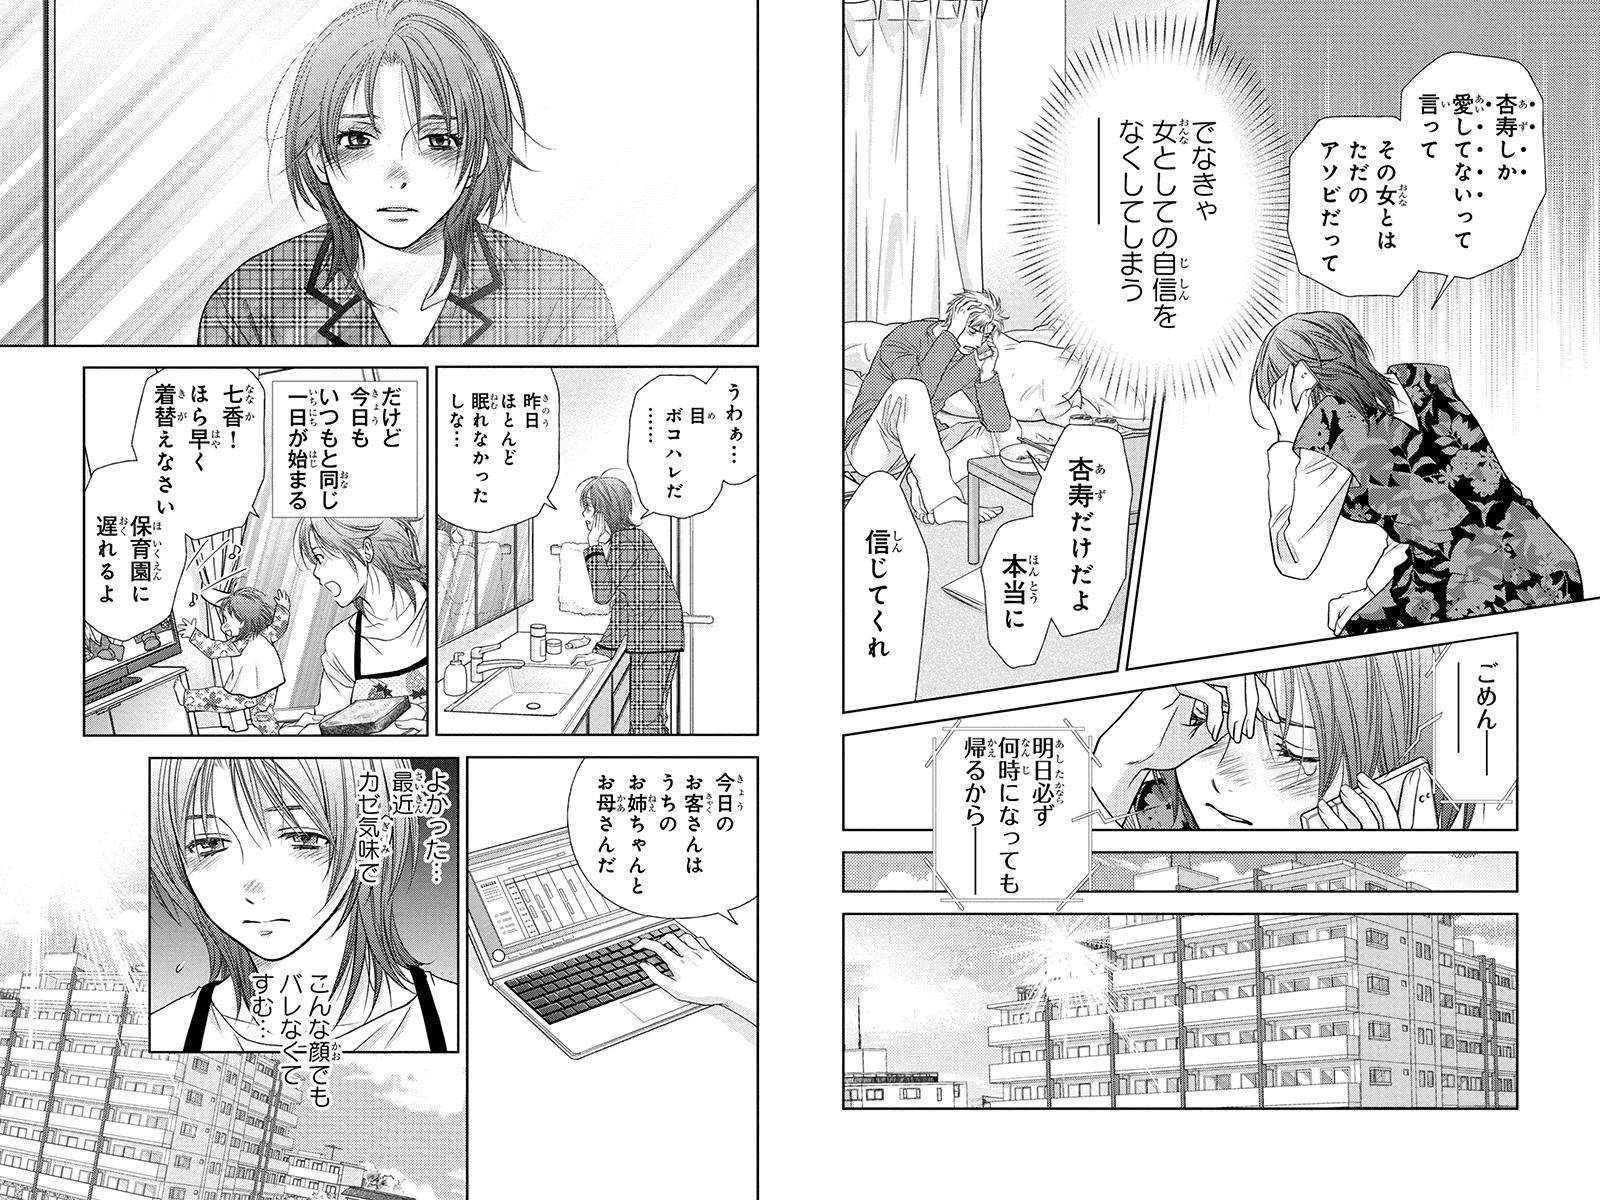 ホリデイラブ 〜夫婦間恋愛〜